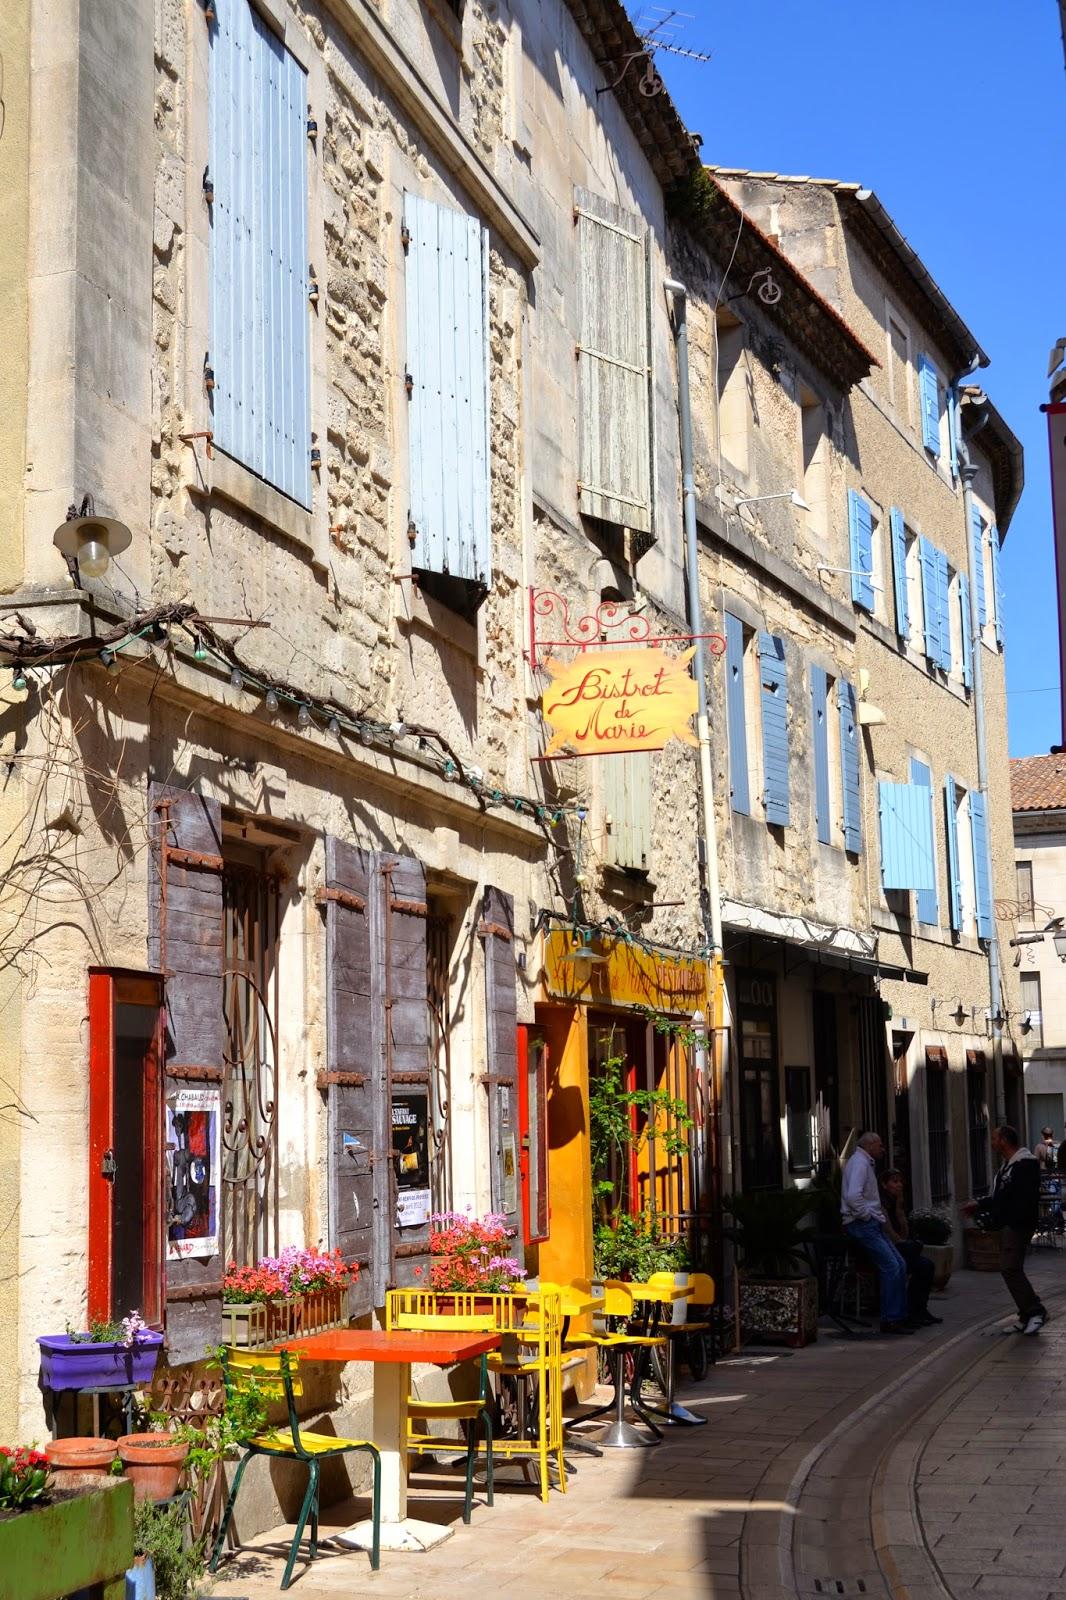 Viaja en mi globo la provenza y costa azul - Hoteles en la provenza ...